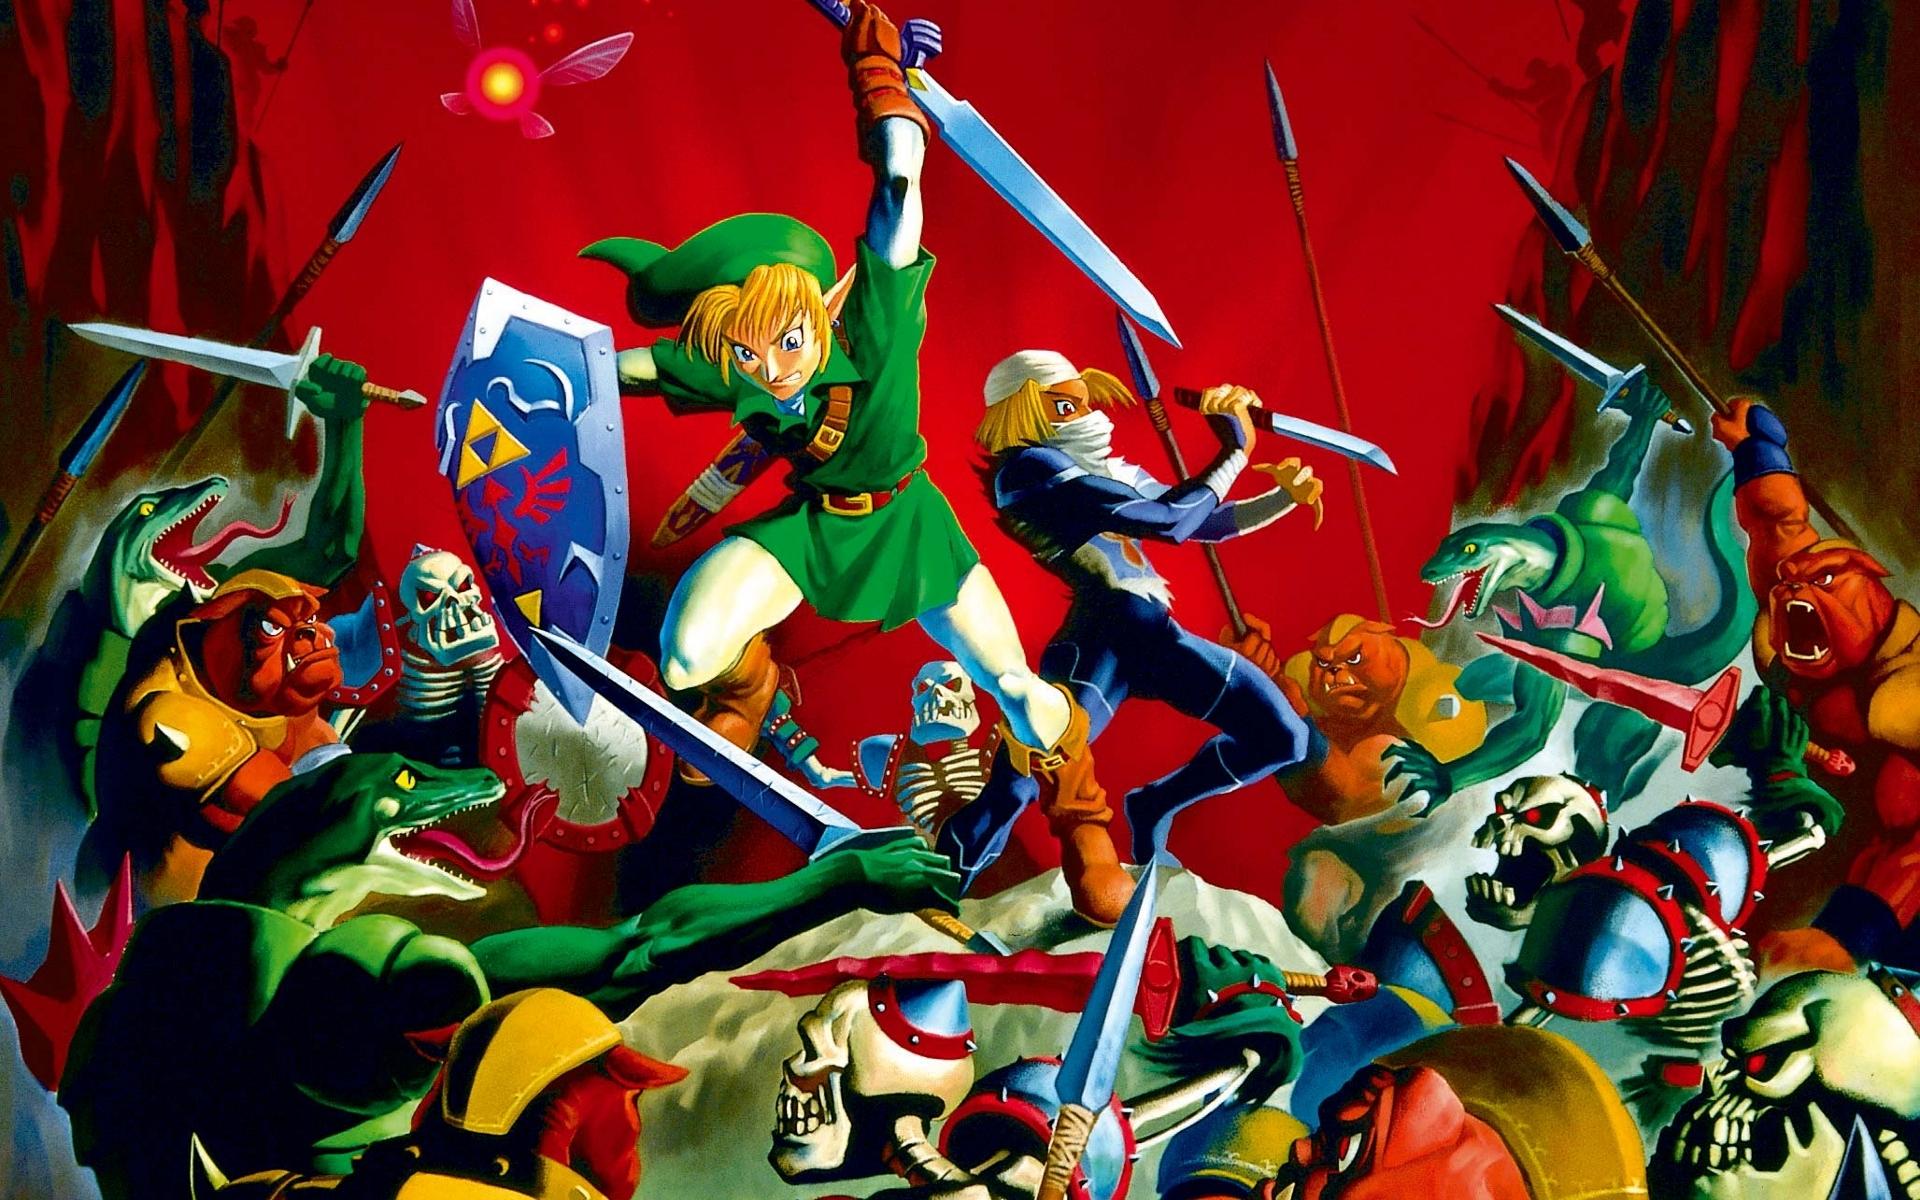 Dossier Zeldaround The World Zelda Autour Du Monde Nintendomaine